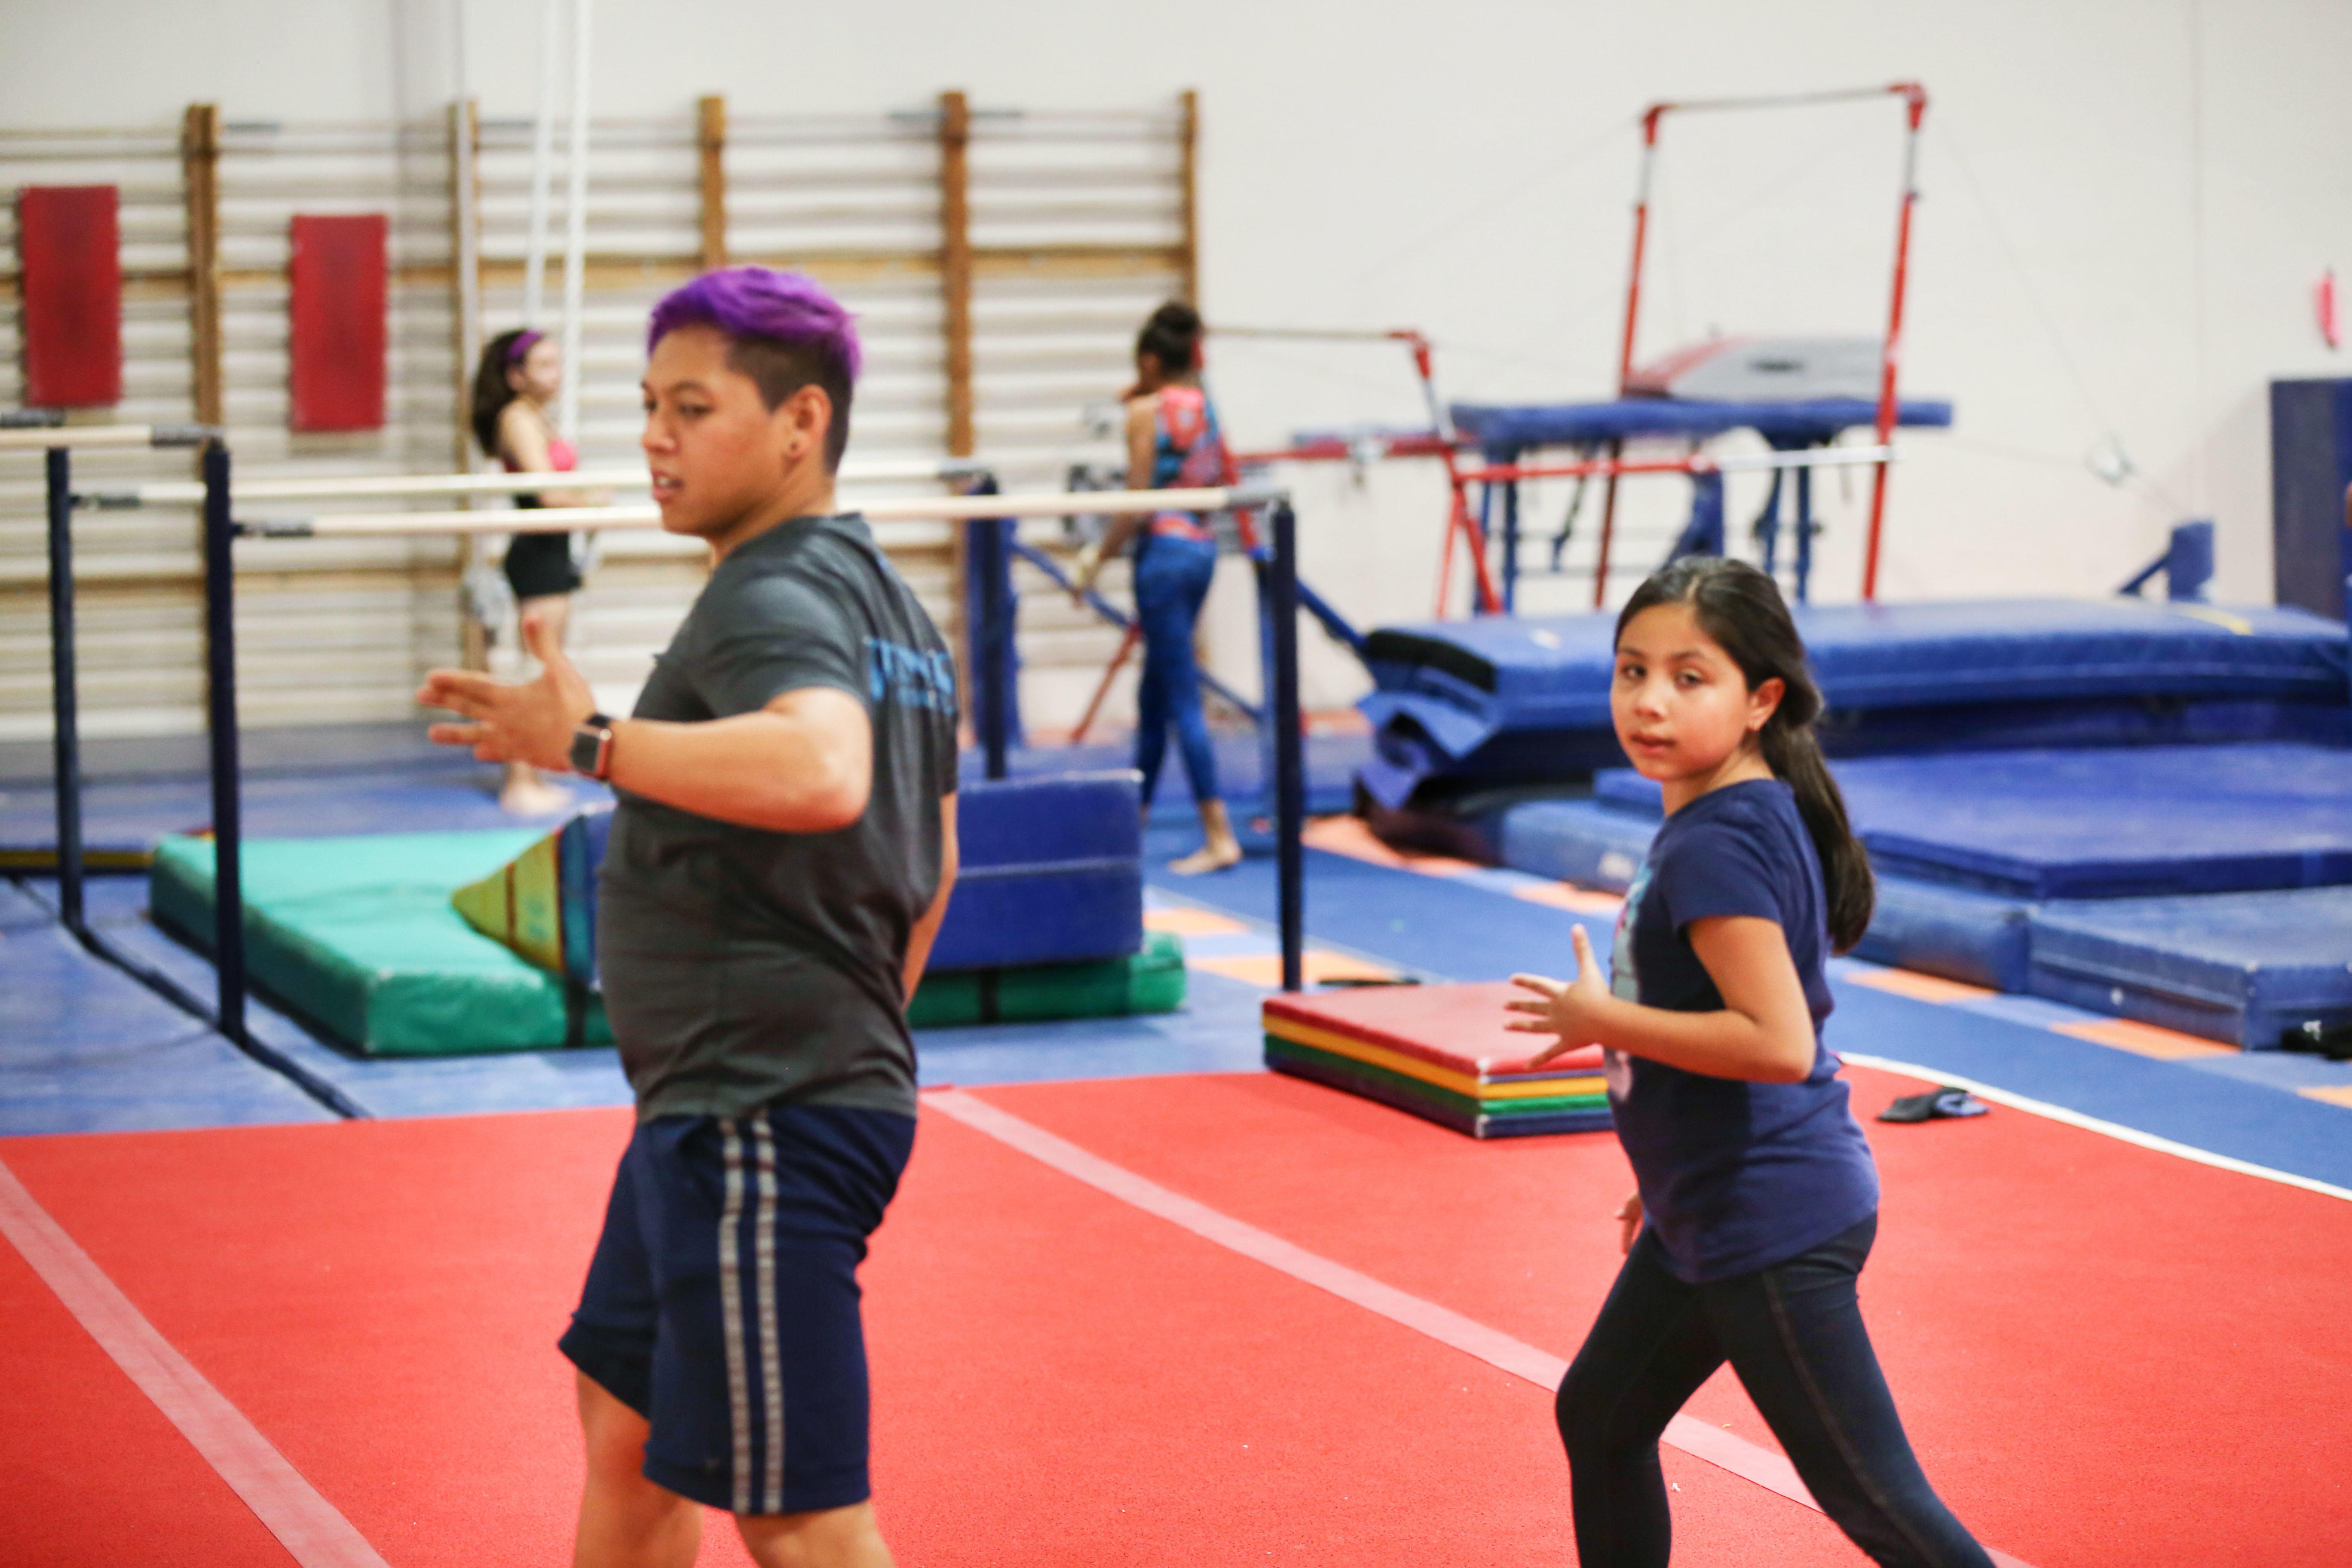 Winner's Academy of Gymnastics image 8